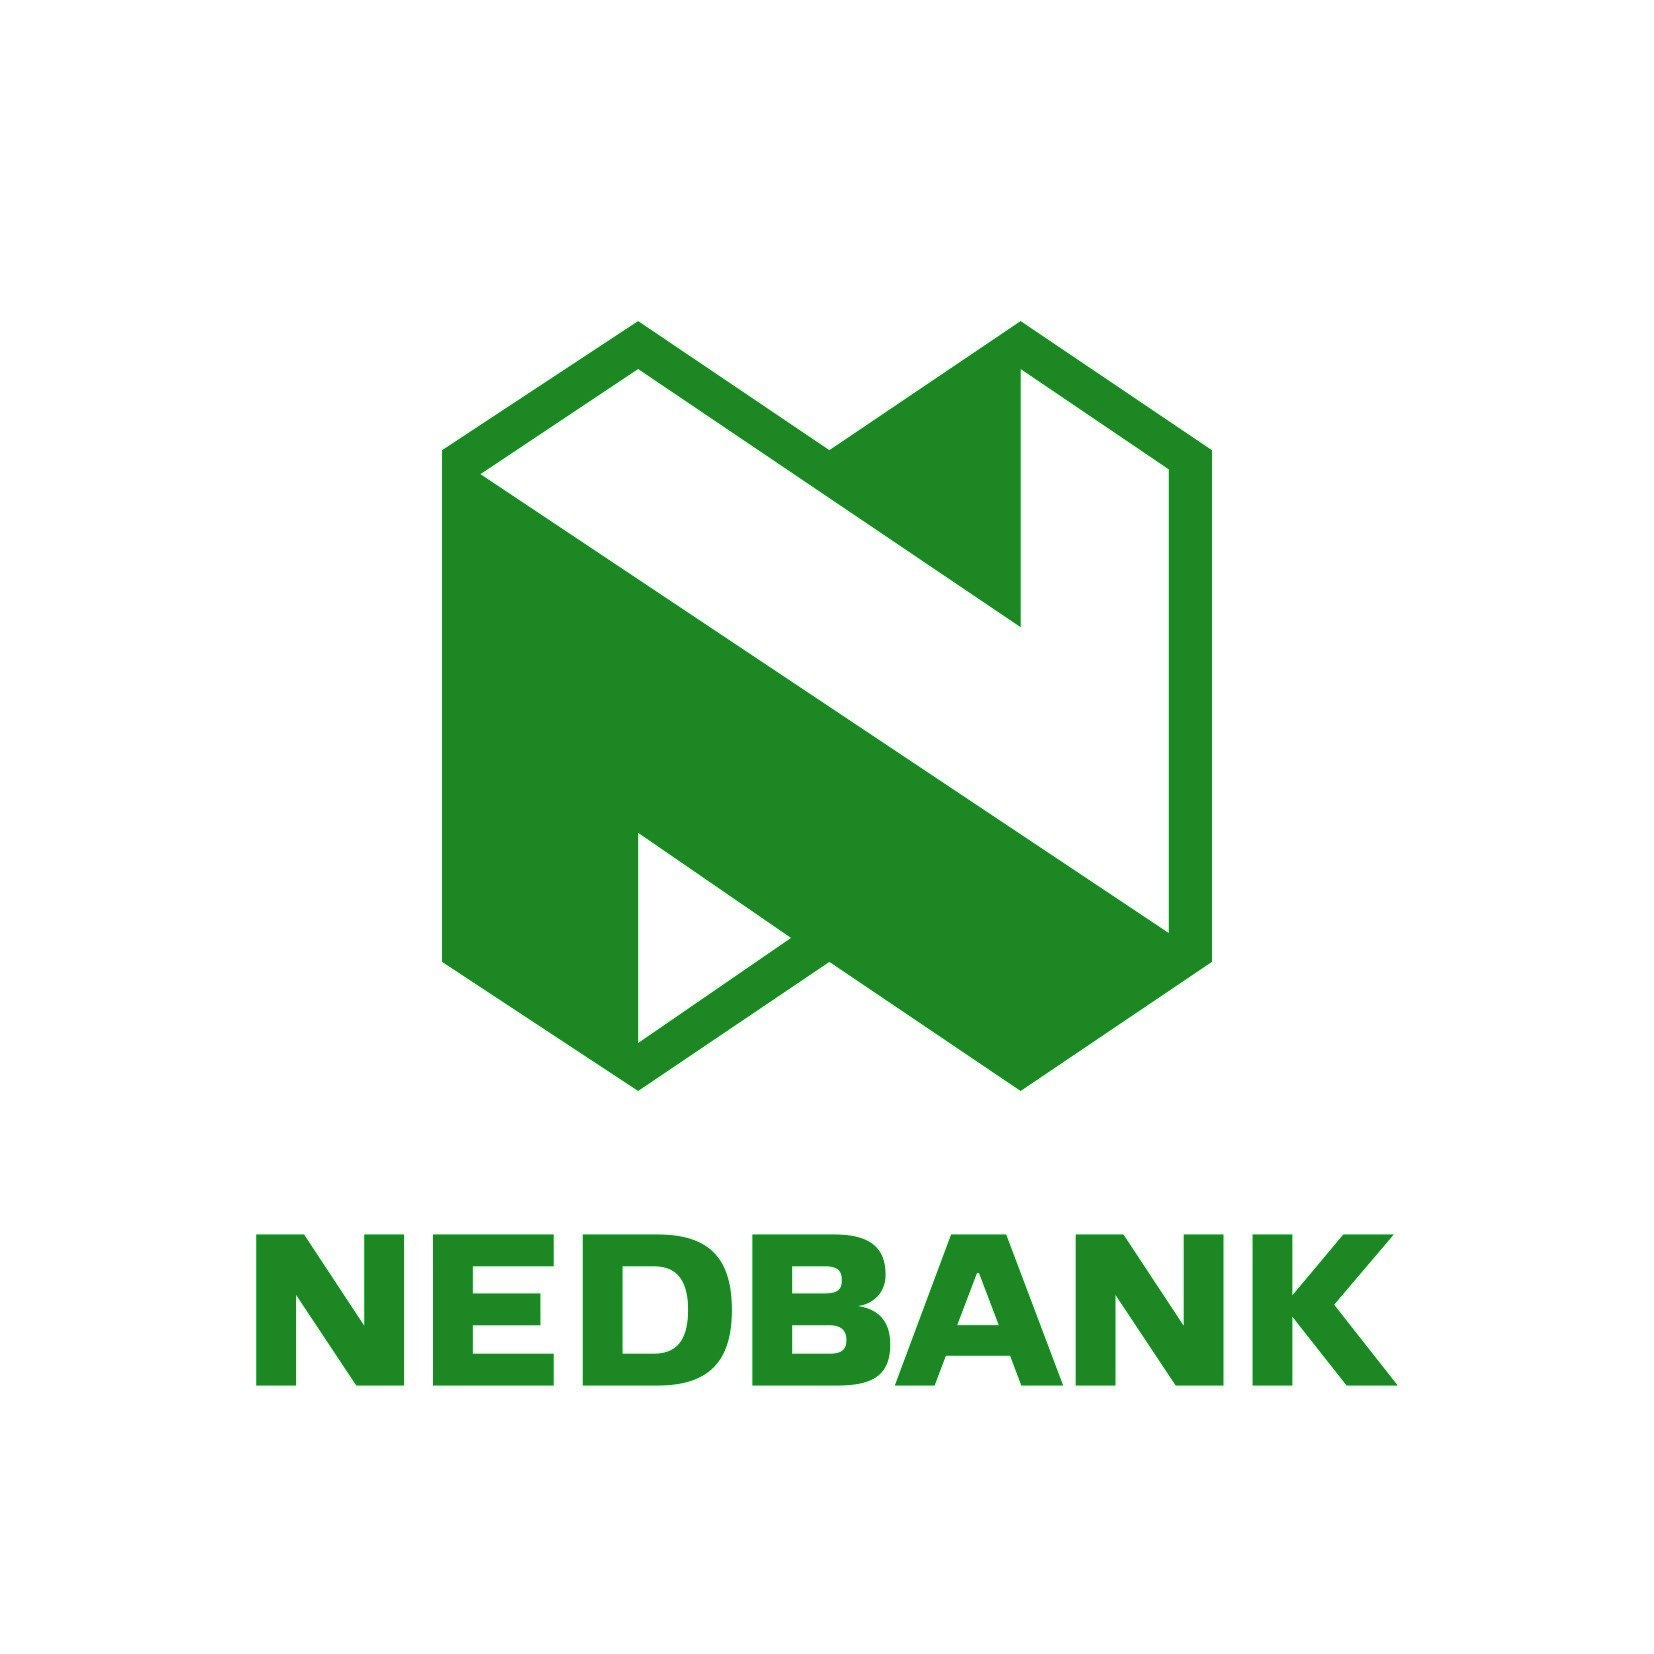 NEDBANK_Logo(B).jpg